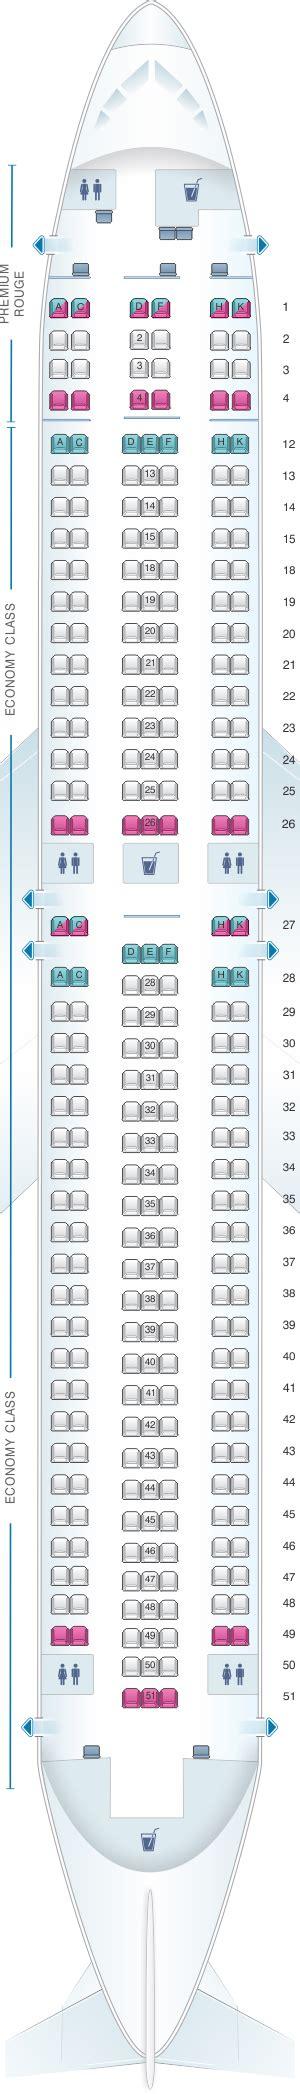 plan siege air plan de cabine air canada boeing b767 300er 763